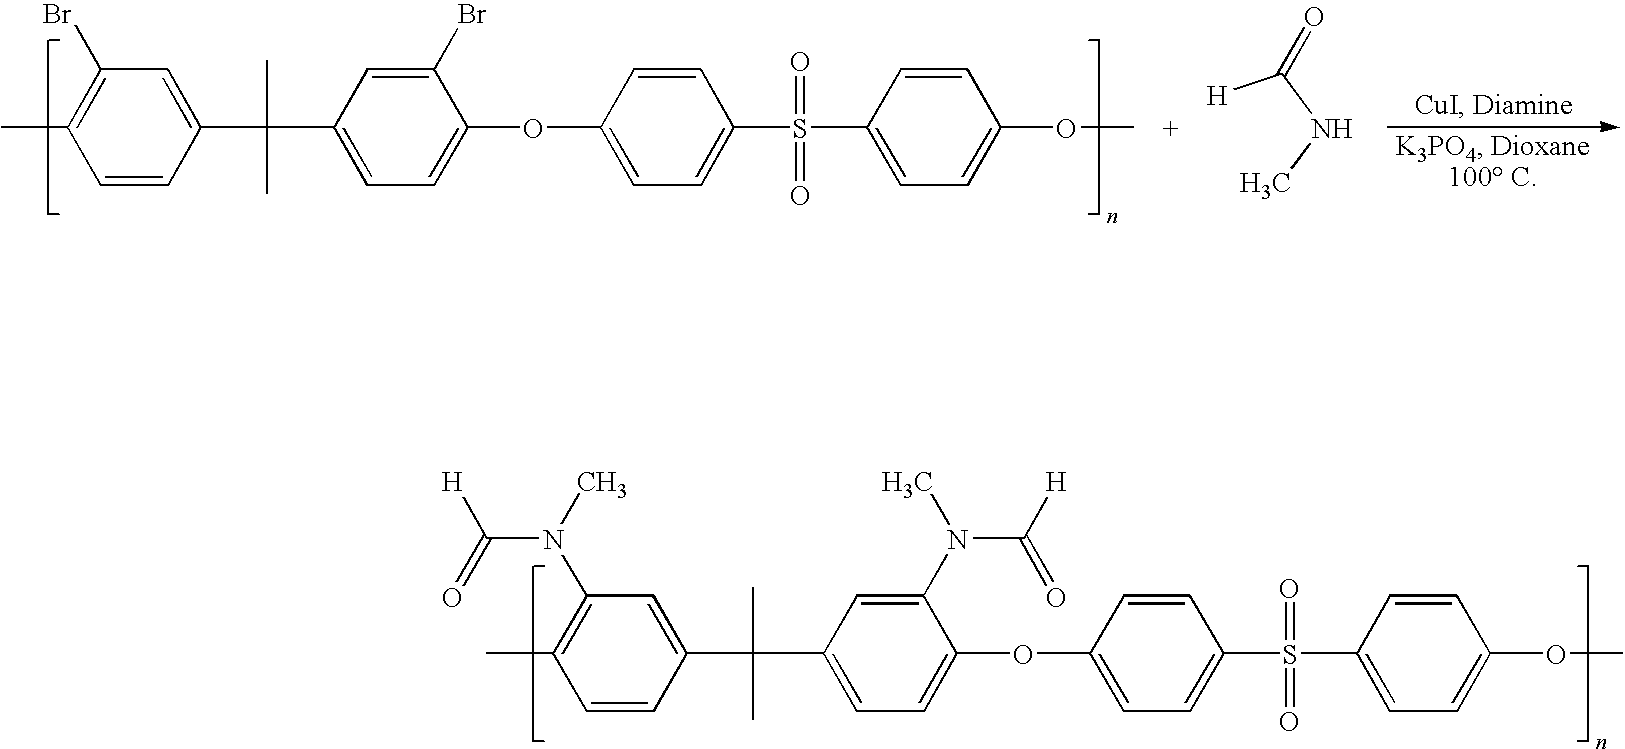 Figure US07669720-20100302-C00026